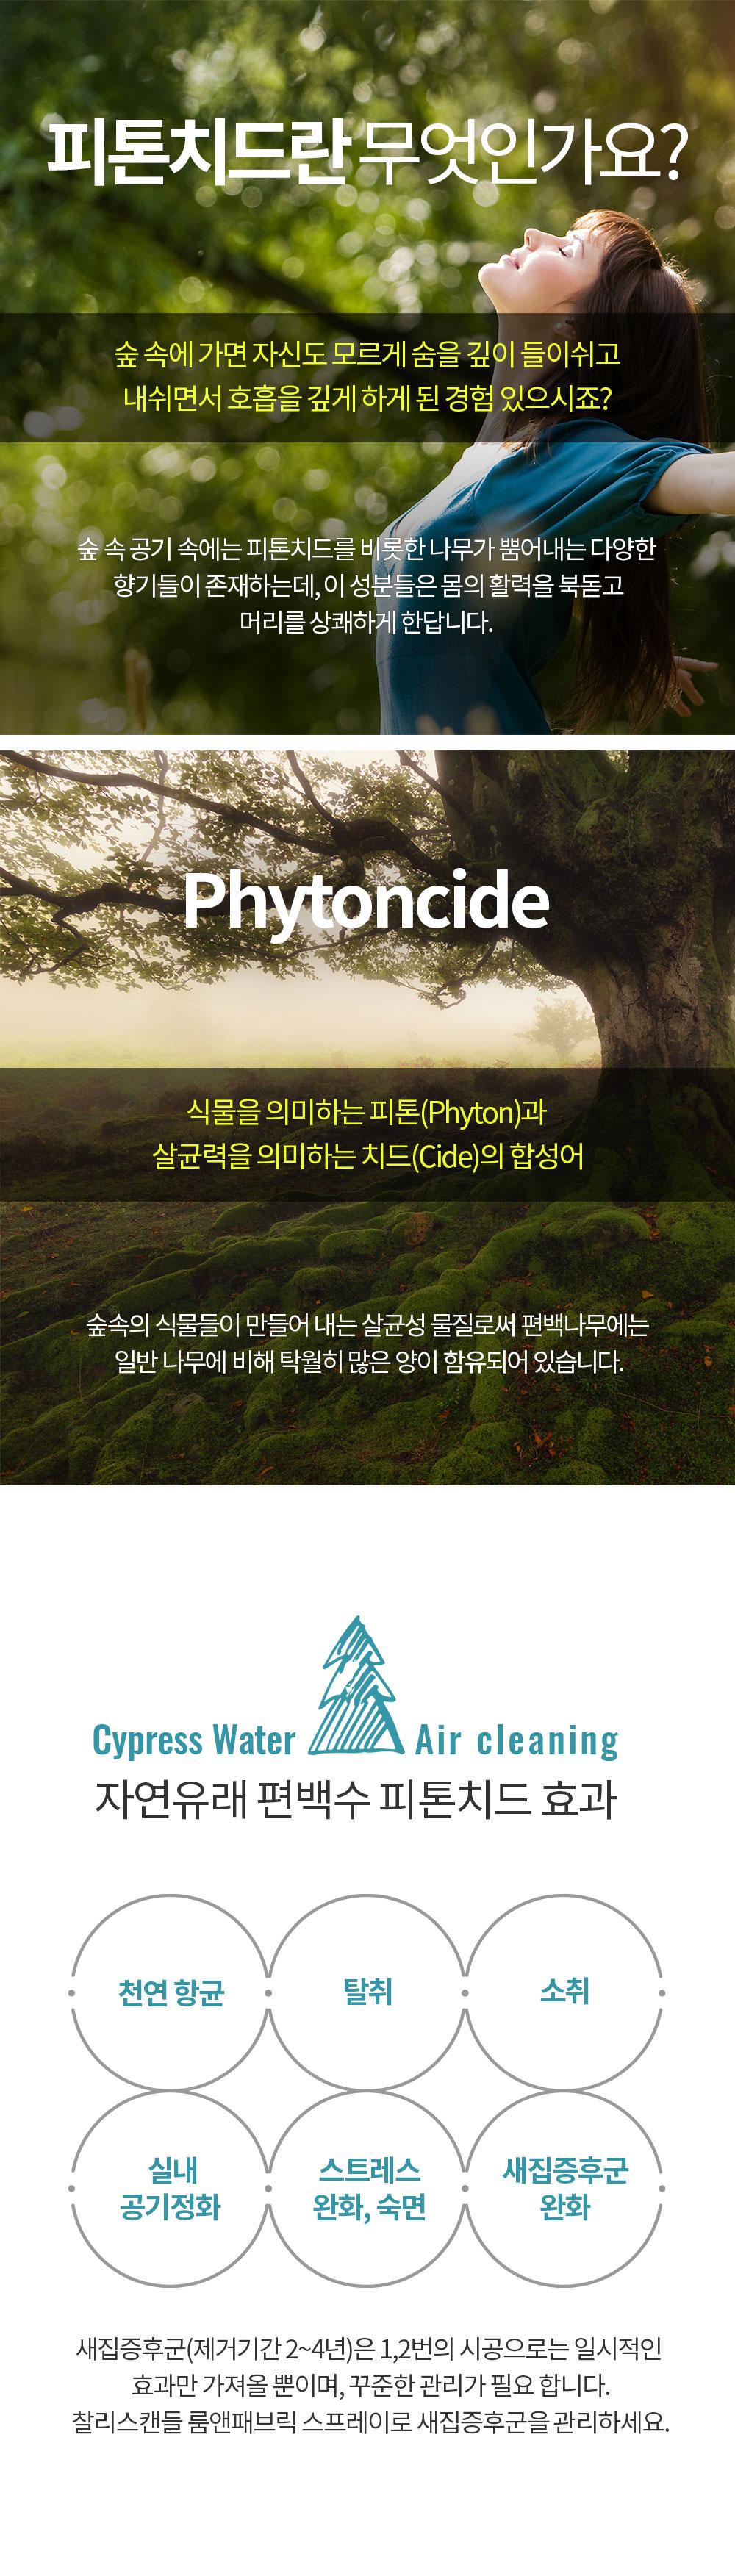 식물을 의미하는 피톤(Phyton)과 살균력을 의미하는 치드(Cide)의 합성어 숲속의 식물들이 만들어 내는 살균성 물질로써 편백나무에는 일반 나무에 비해 탁월히 많은 양이 함유되어 있습니다. 천연 항균 탈취, 소취 진드기기피효과 실내 공기정화 스트레스, 긴장 완화, 새집증후군 완화